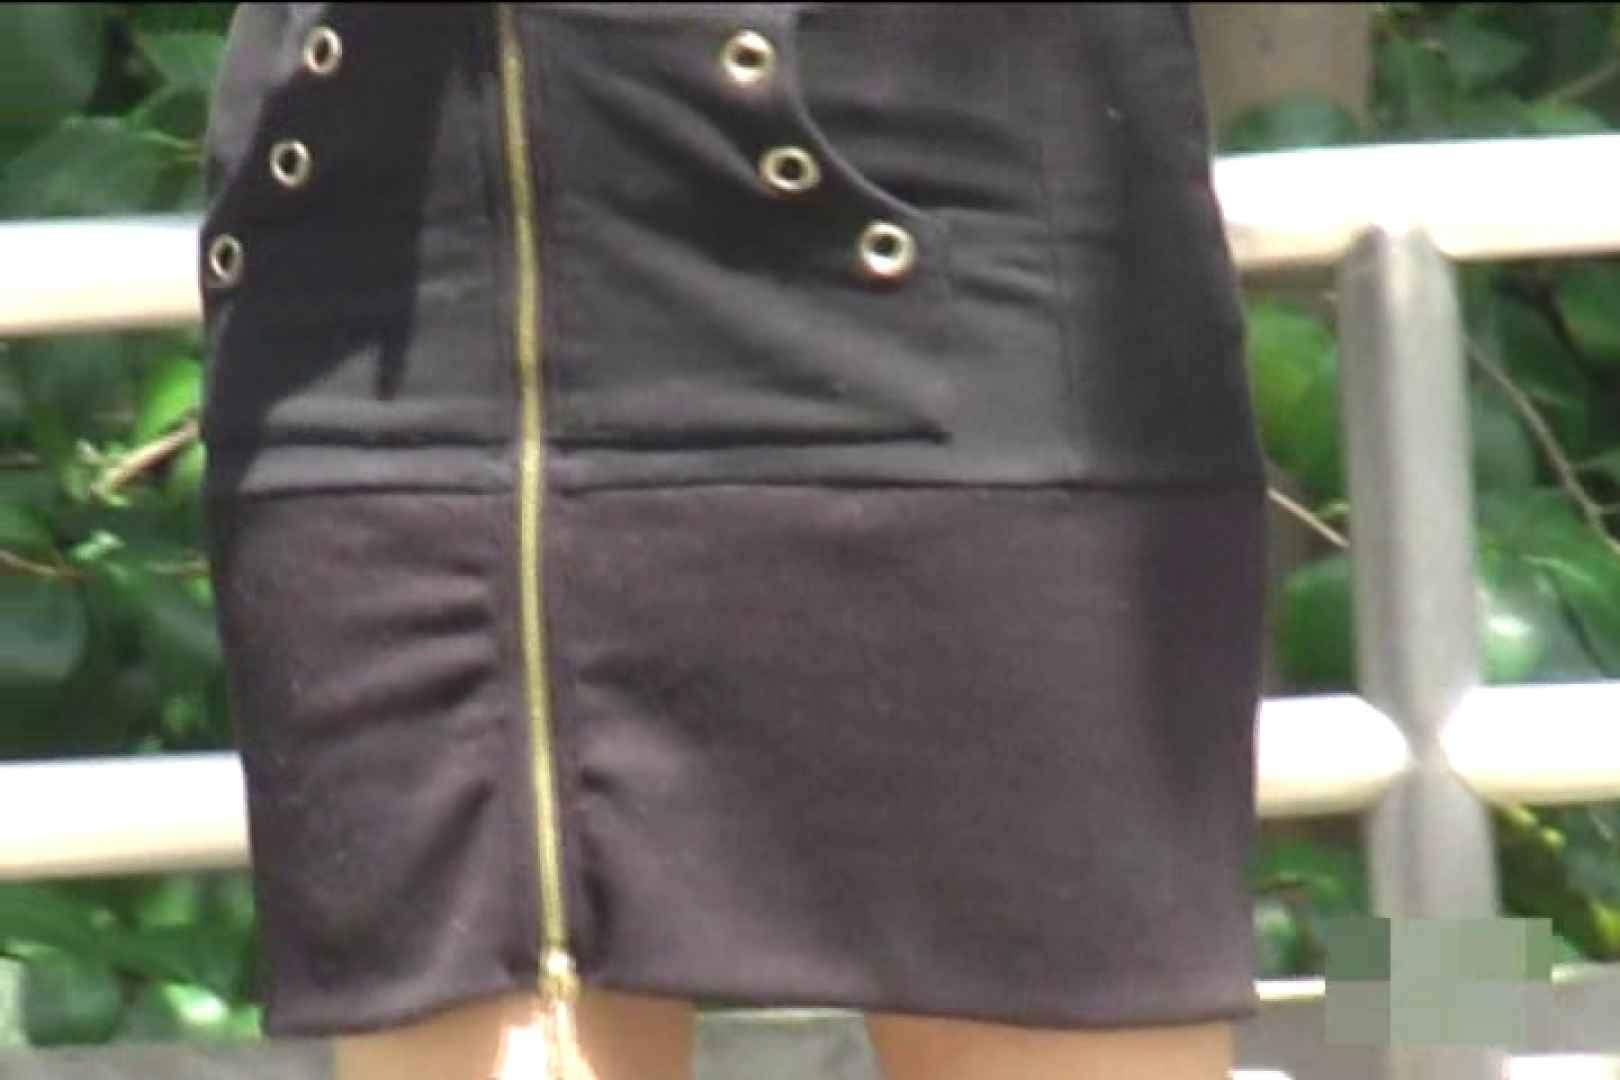 検証!隠し撮りスカートめくり!!Vol.8 ミニスカート | OLセックス  108画像 4